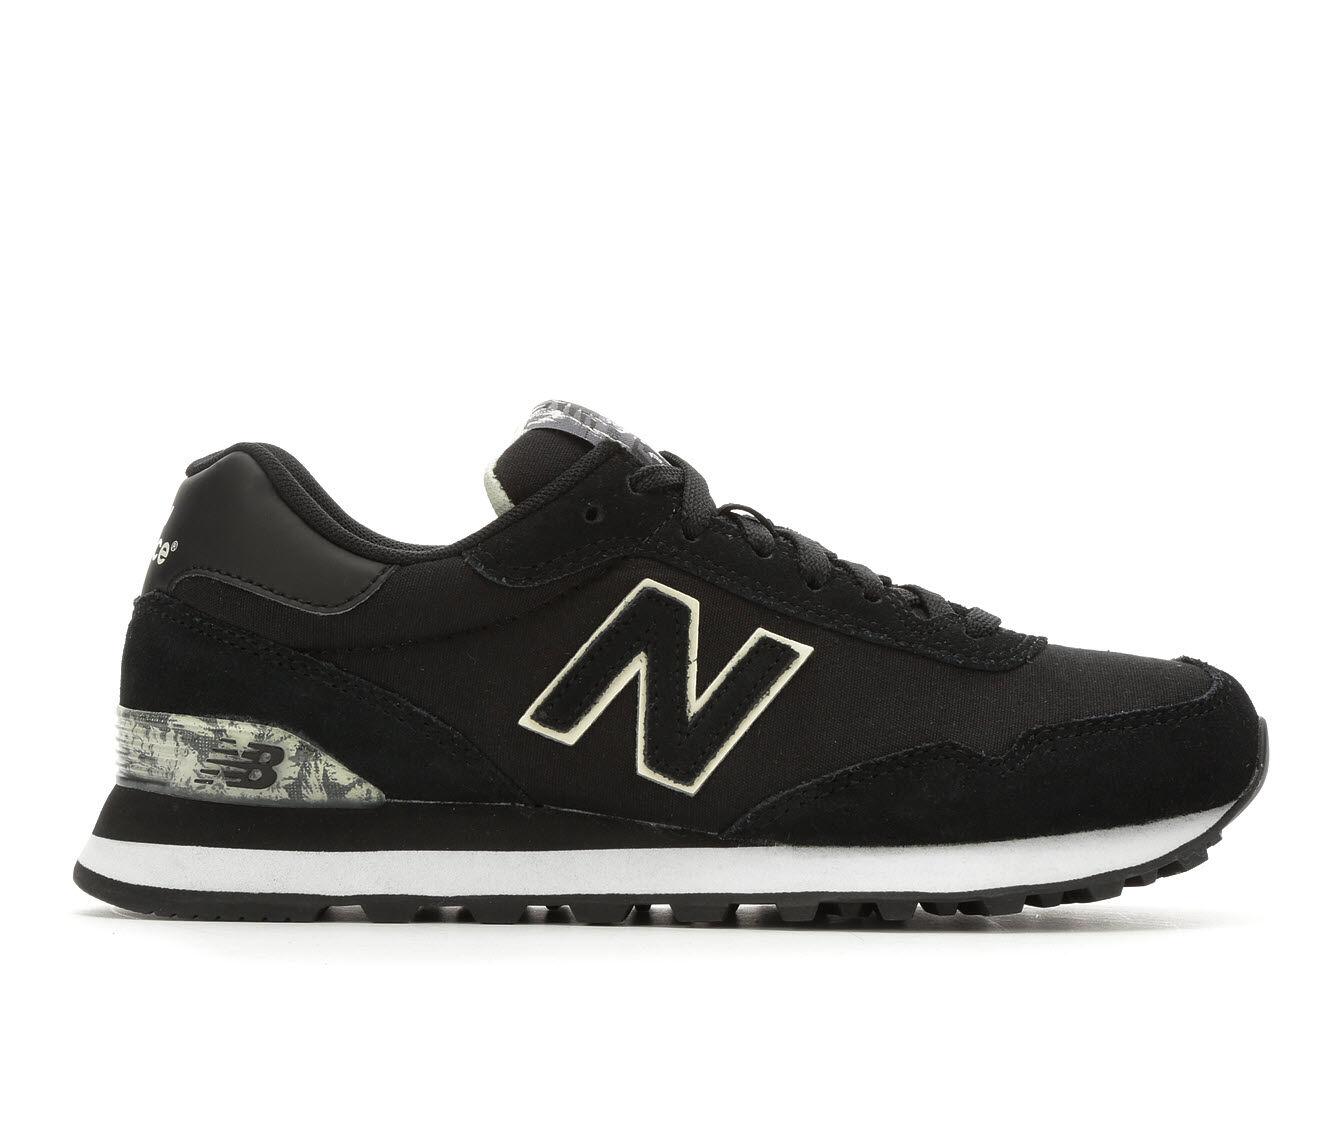 shop authentic new arrivals Women's New Balance WL515 Retro Sneakers Blk/Buttermilk